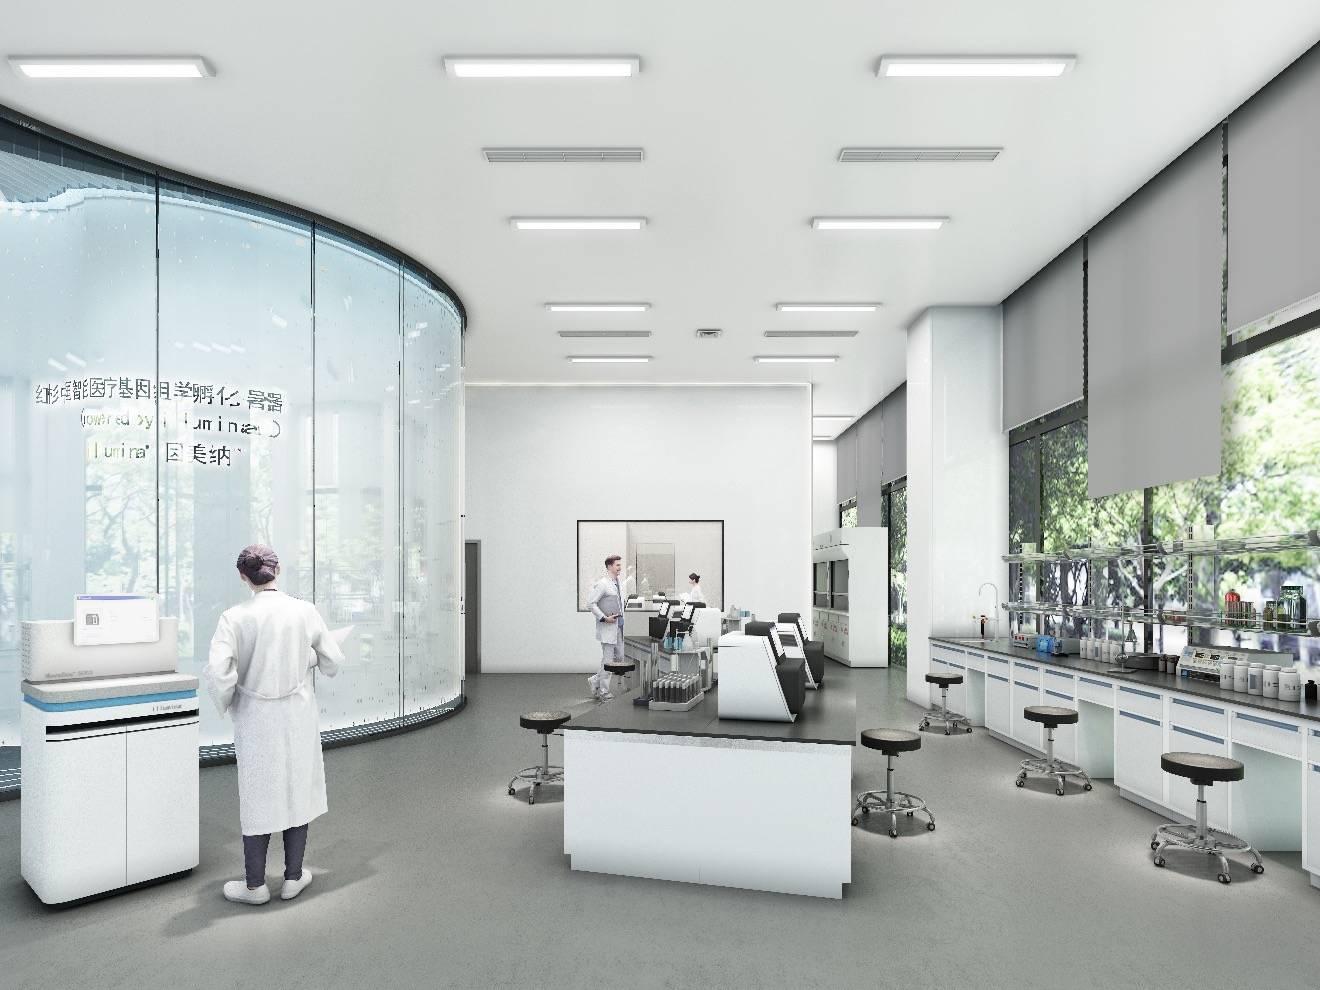 512实验室2.jpg.jpg